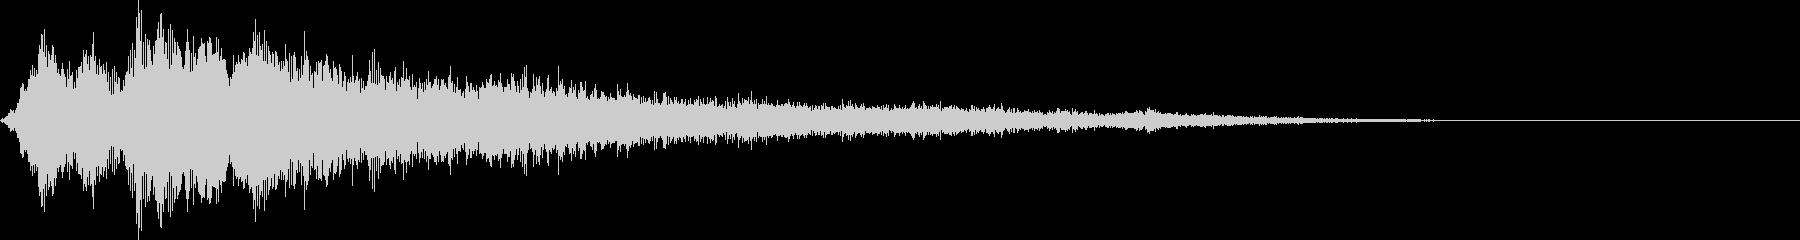 キラキラ-2 場面転換・登場などの未再生の波形